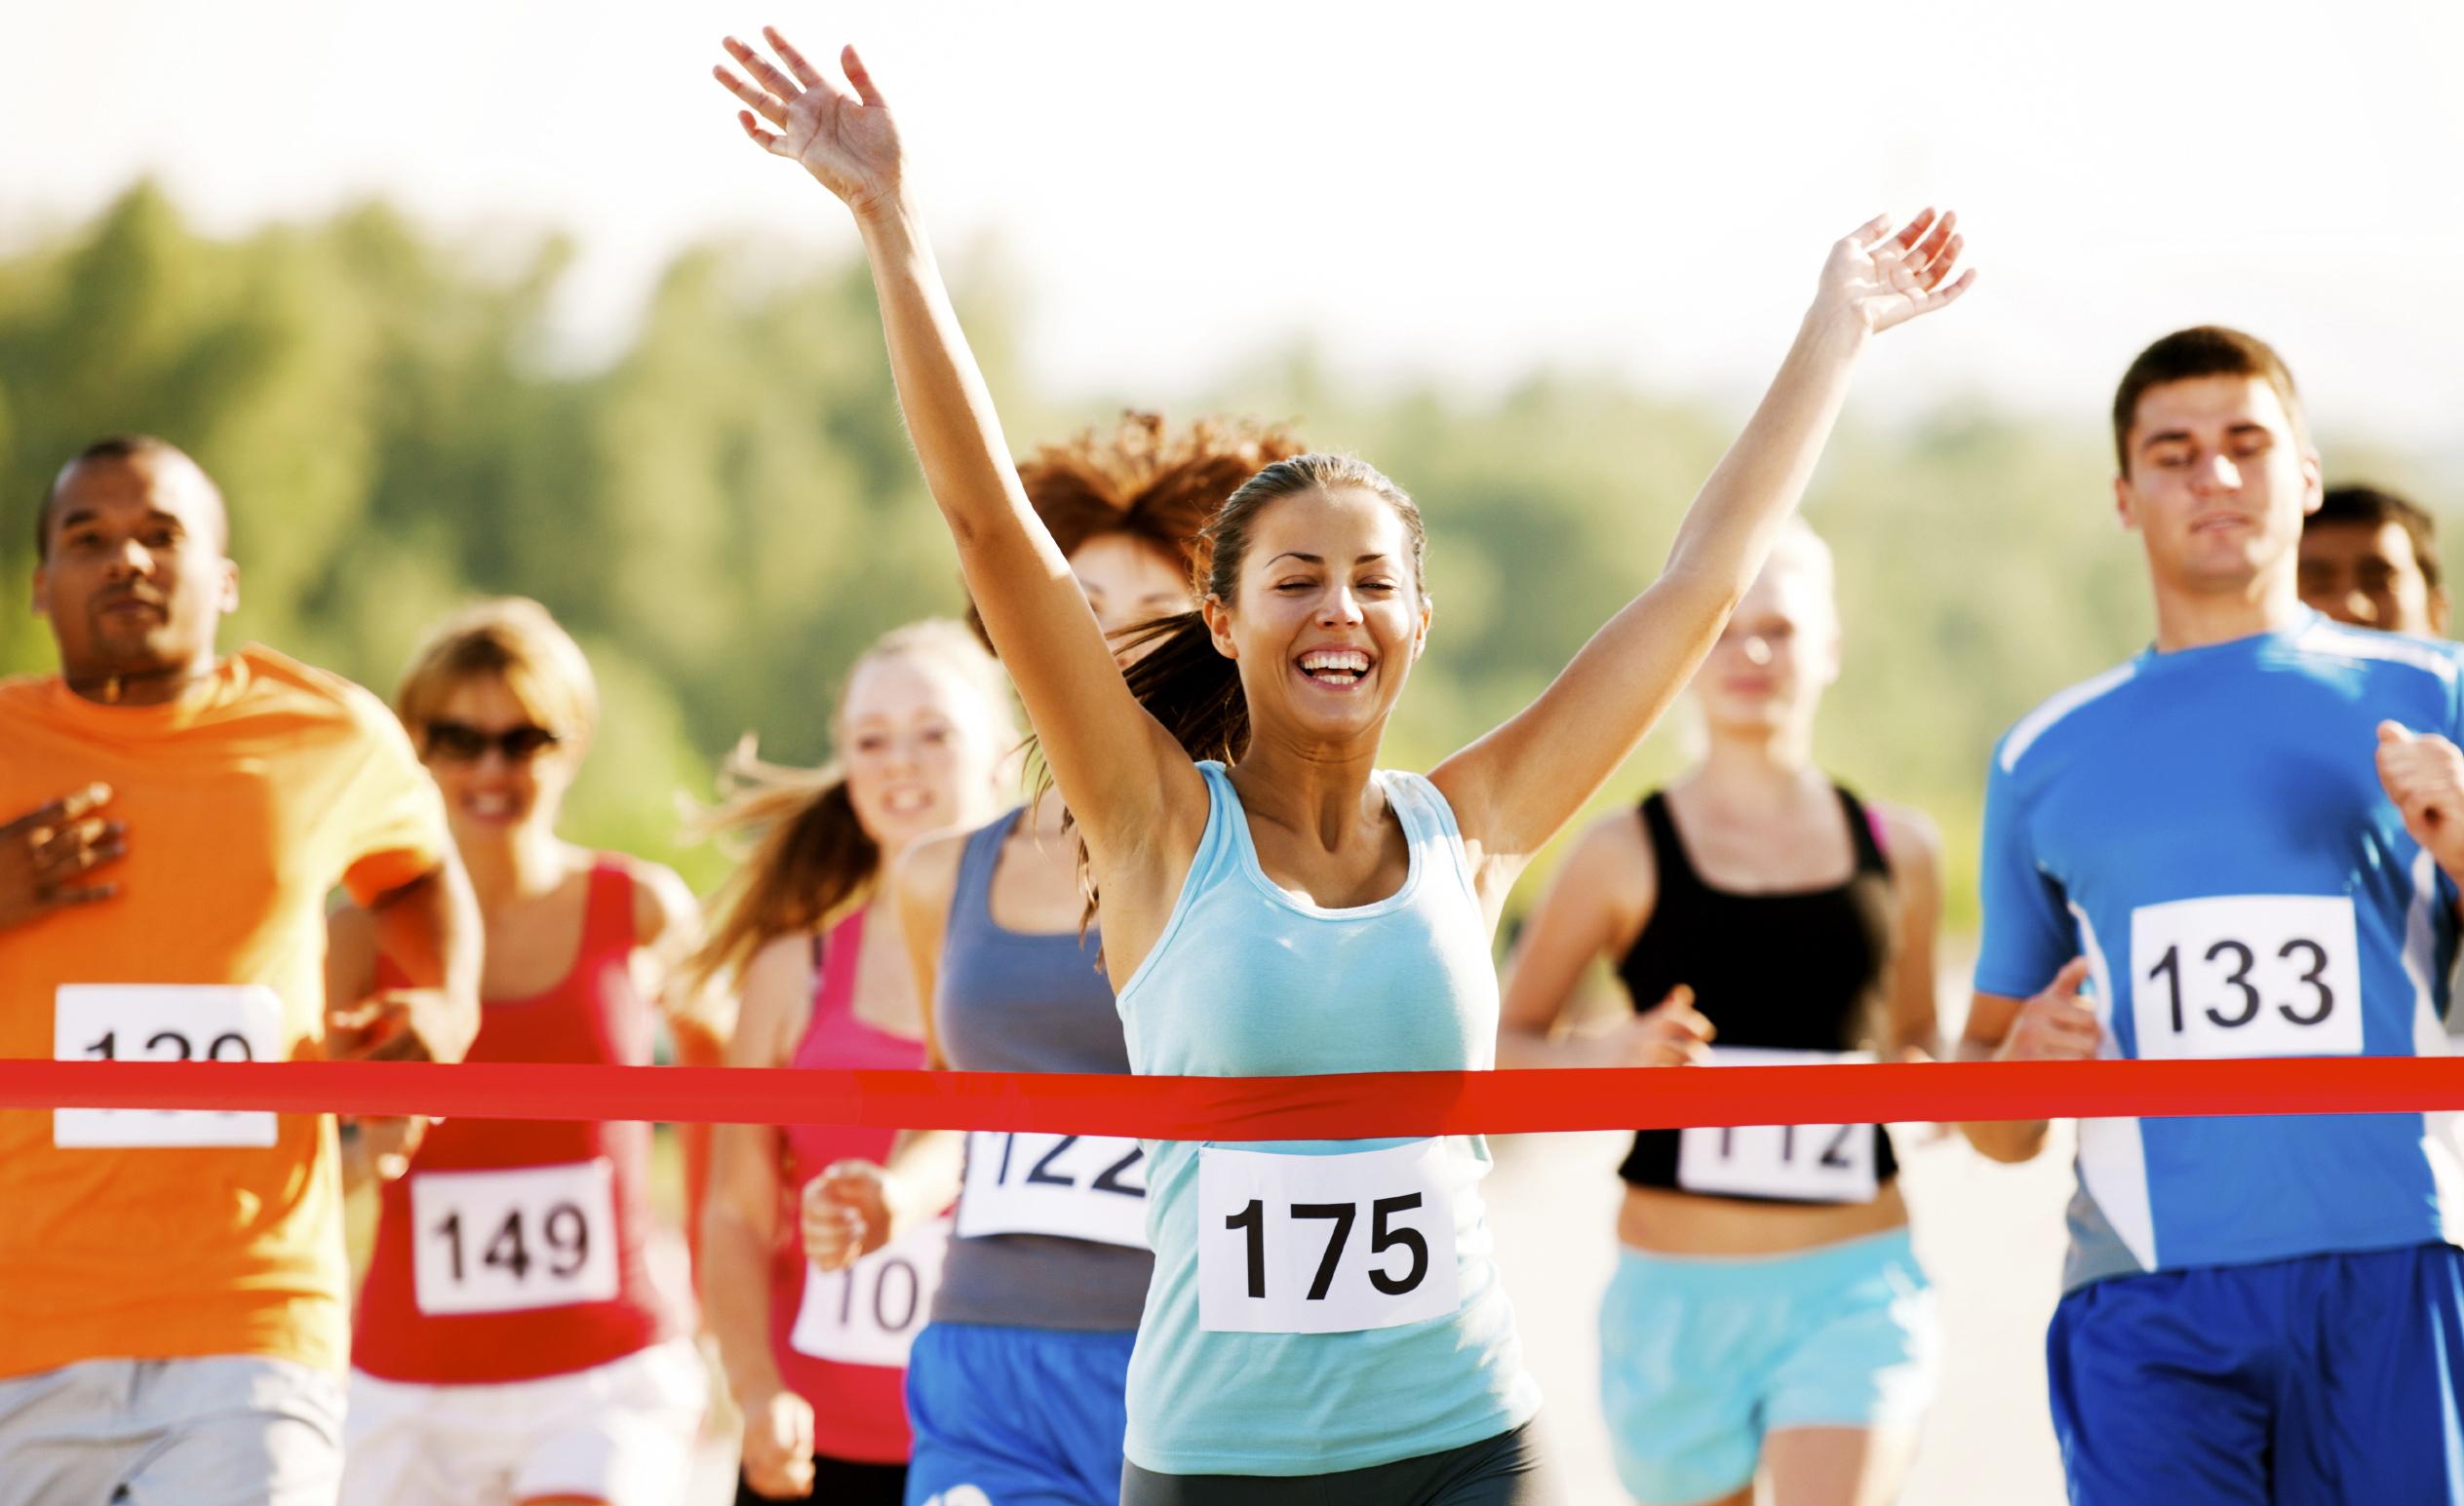 Roane County 5k Race